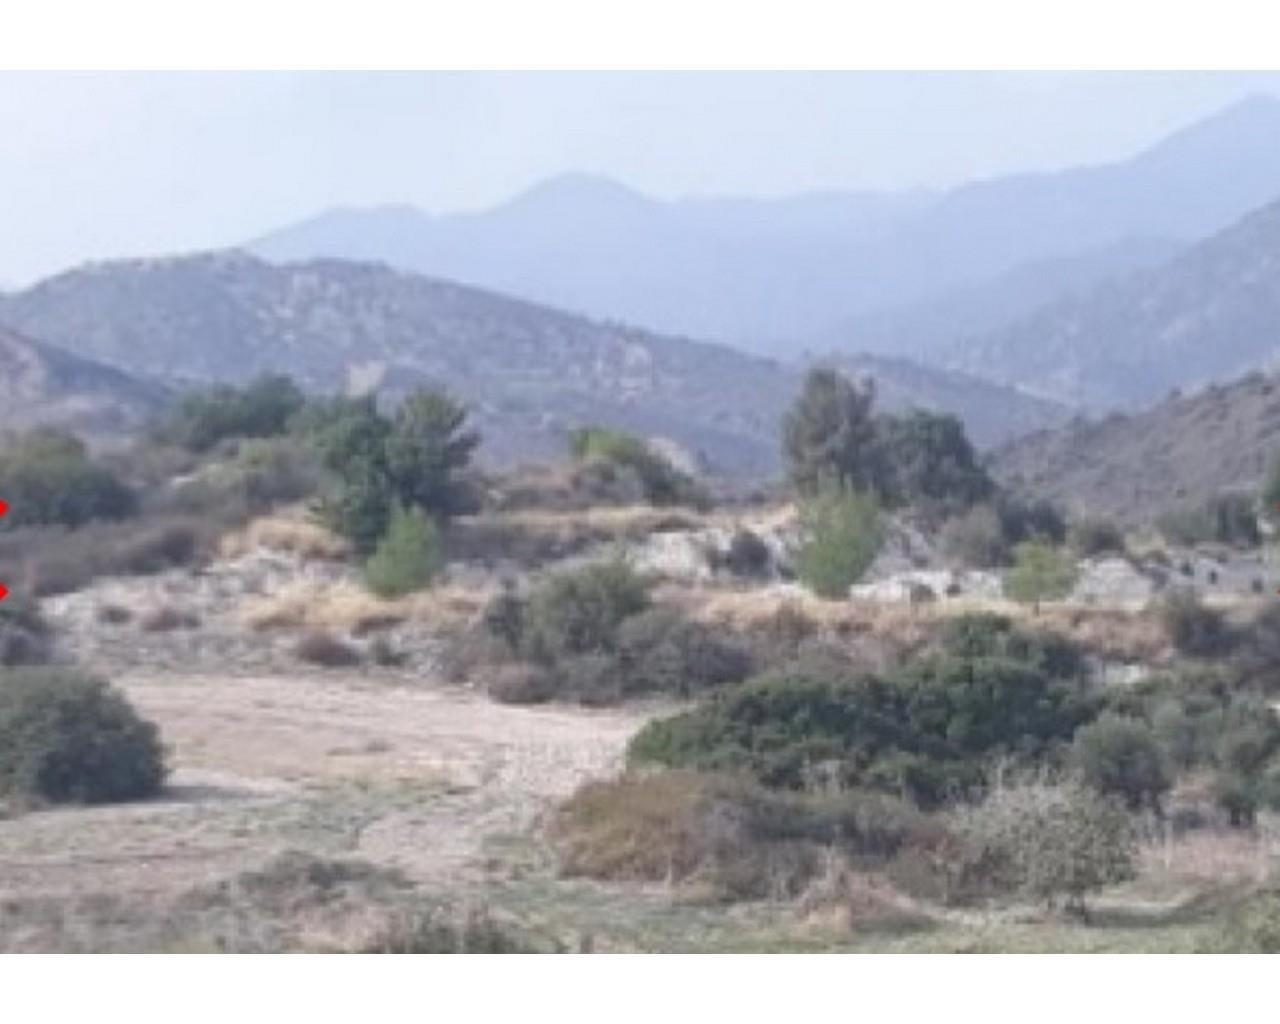 Land Larnaca(Vavla)  2342 SqMt for sale